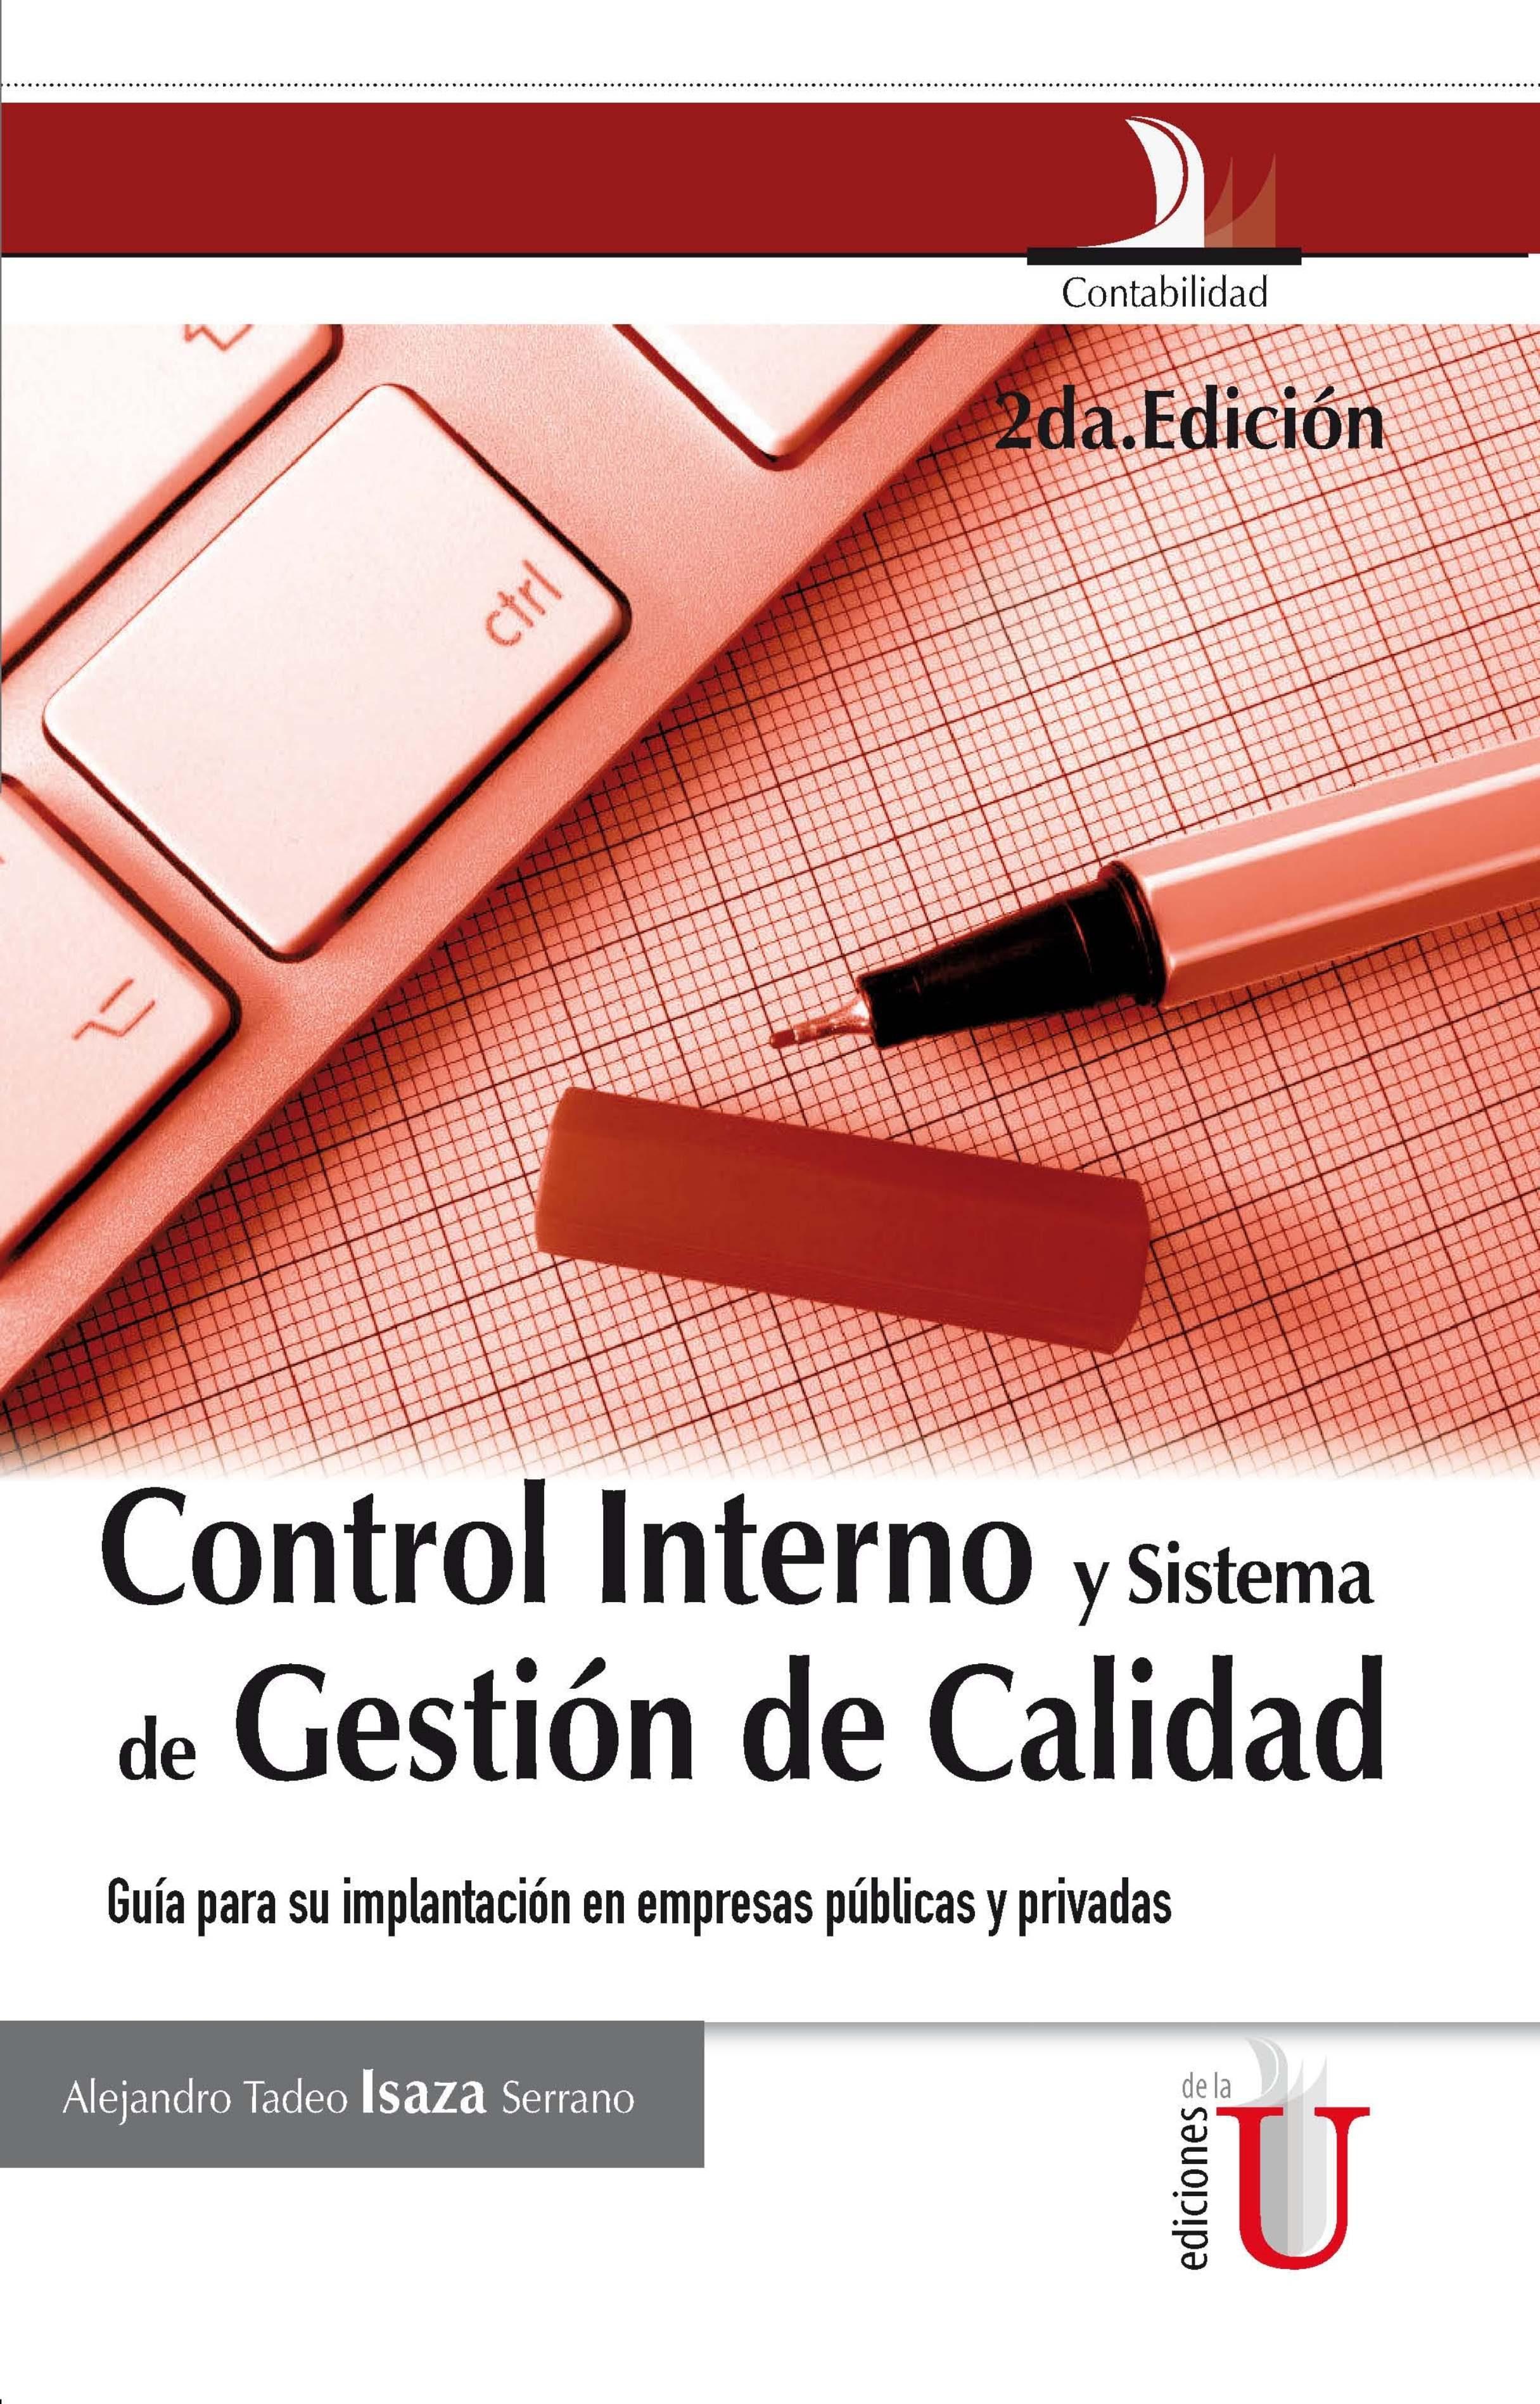 CONTROL INTERNO Y SISTEMA DE GESTION DE CALIDAD EBOOK